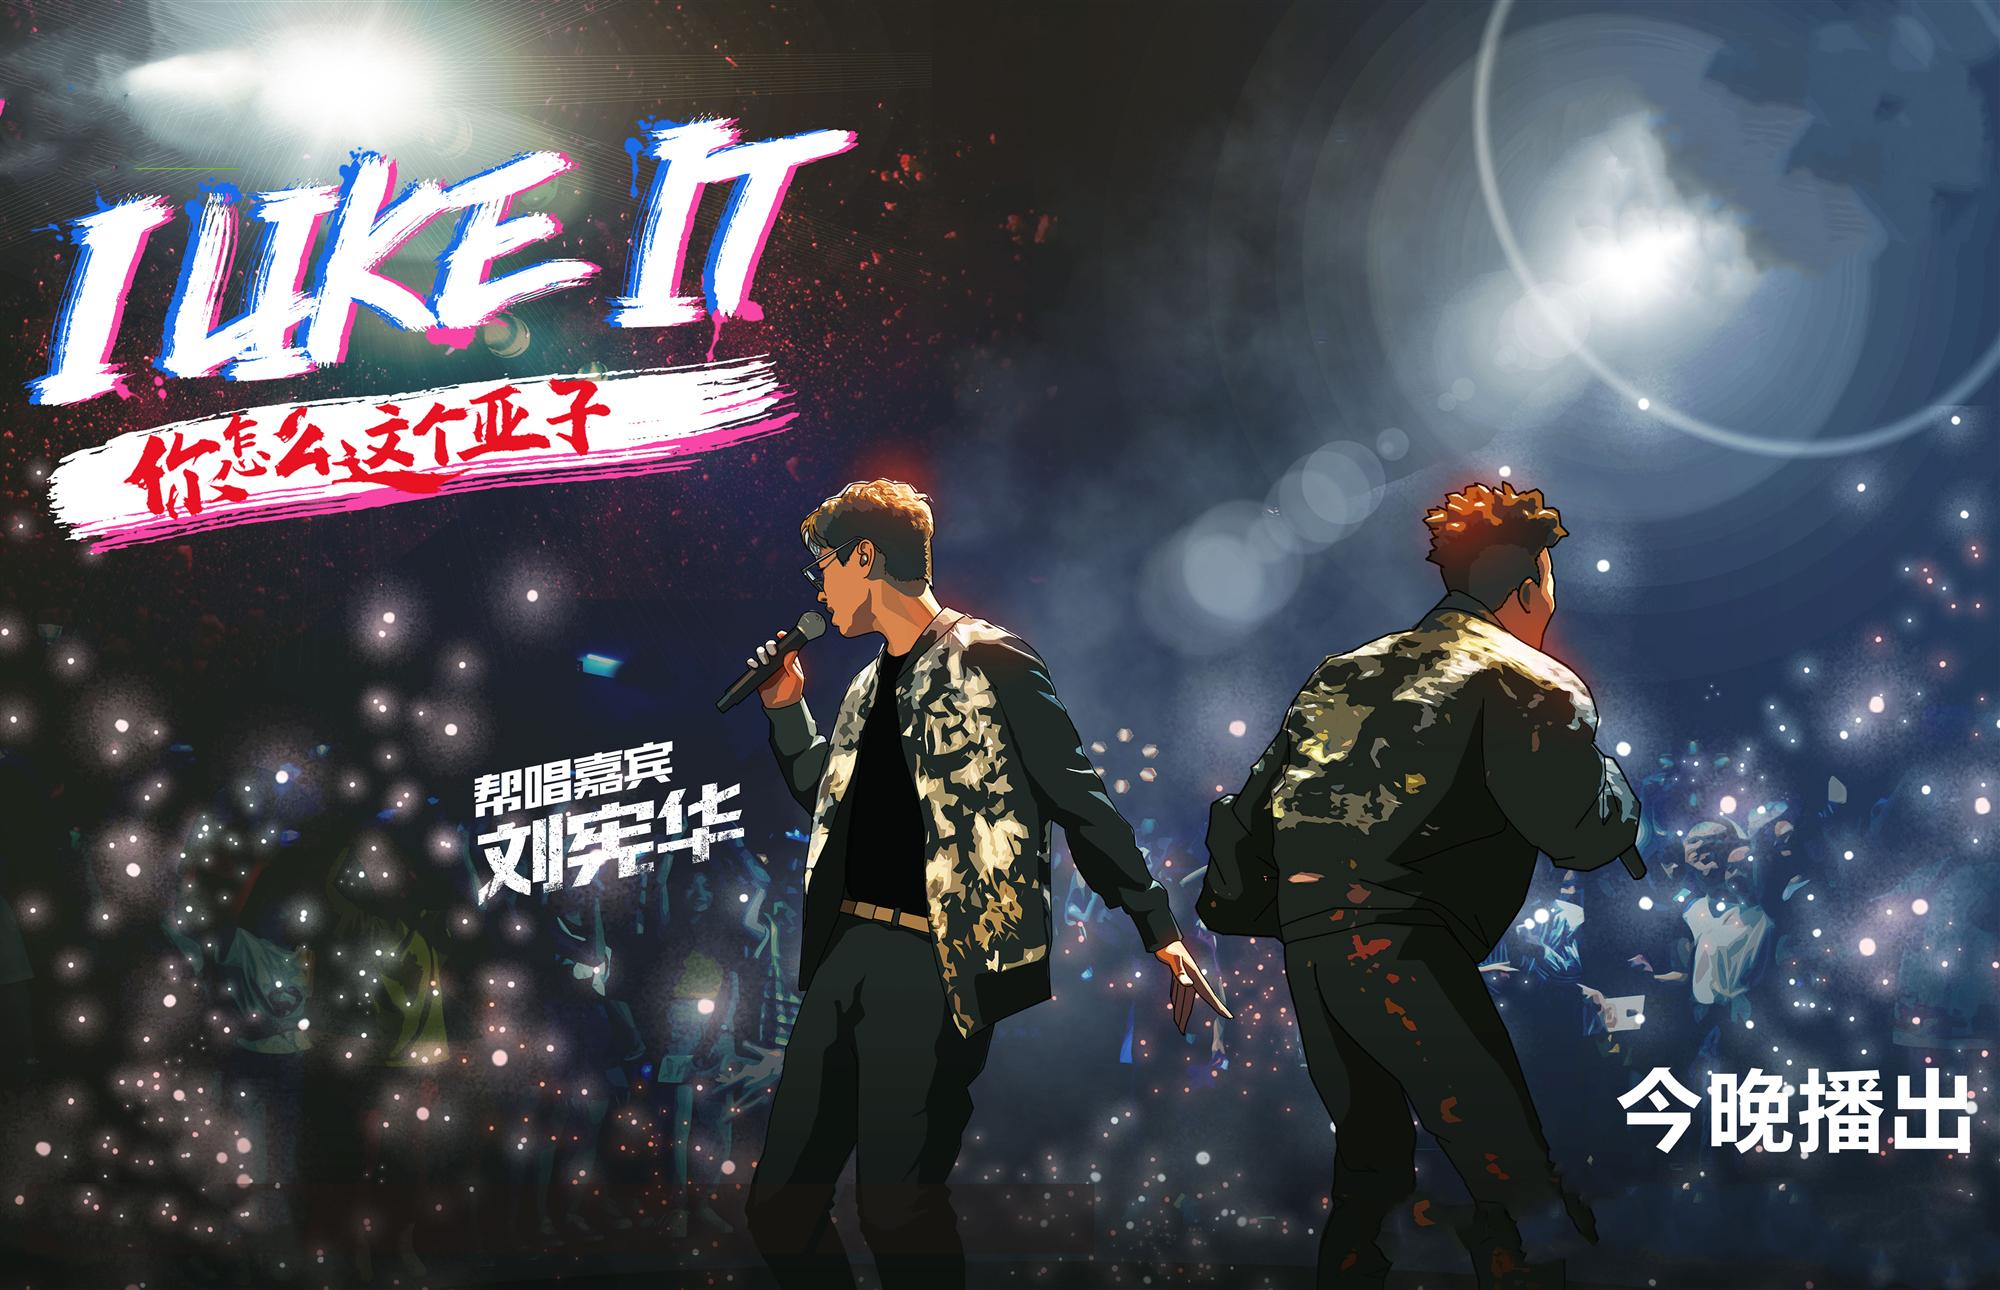 刘宪华燃爆助阵说唱节目超强Hip-hop实力炸裂舞台